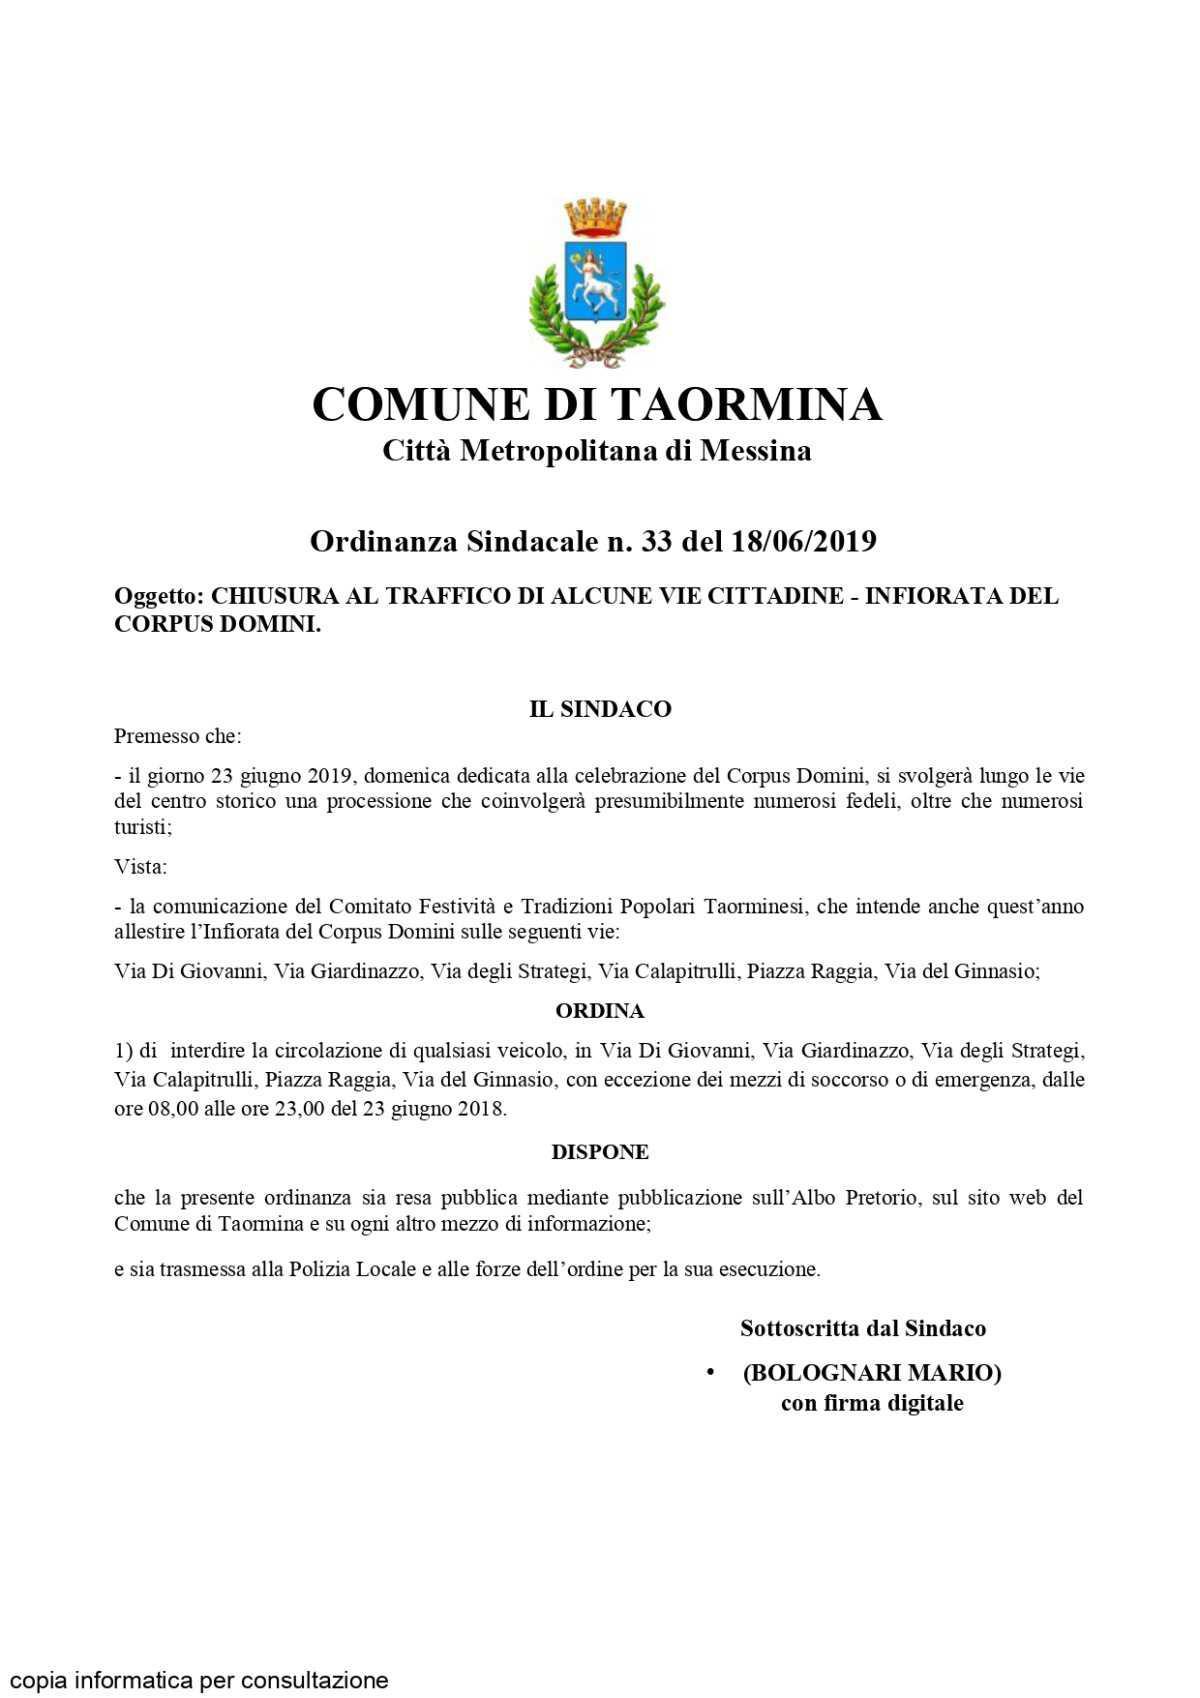 Celebrazione del Corpus Domini - 23 giugno 2019